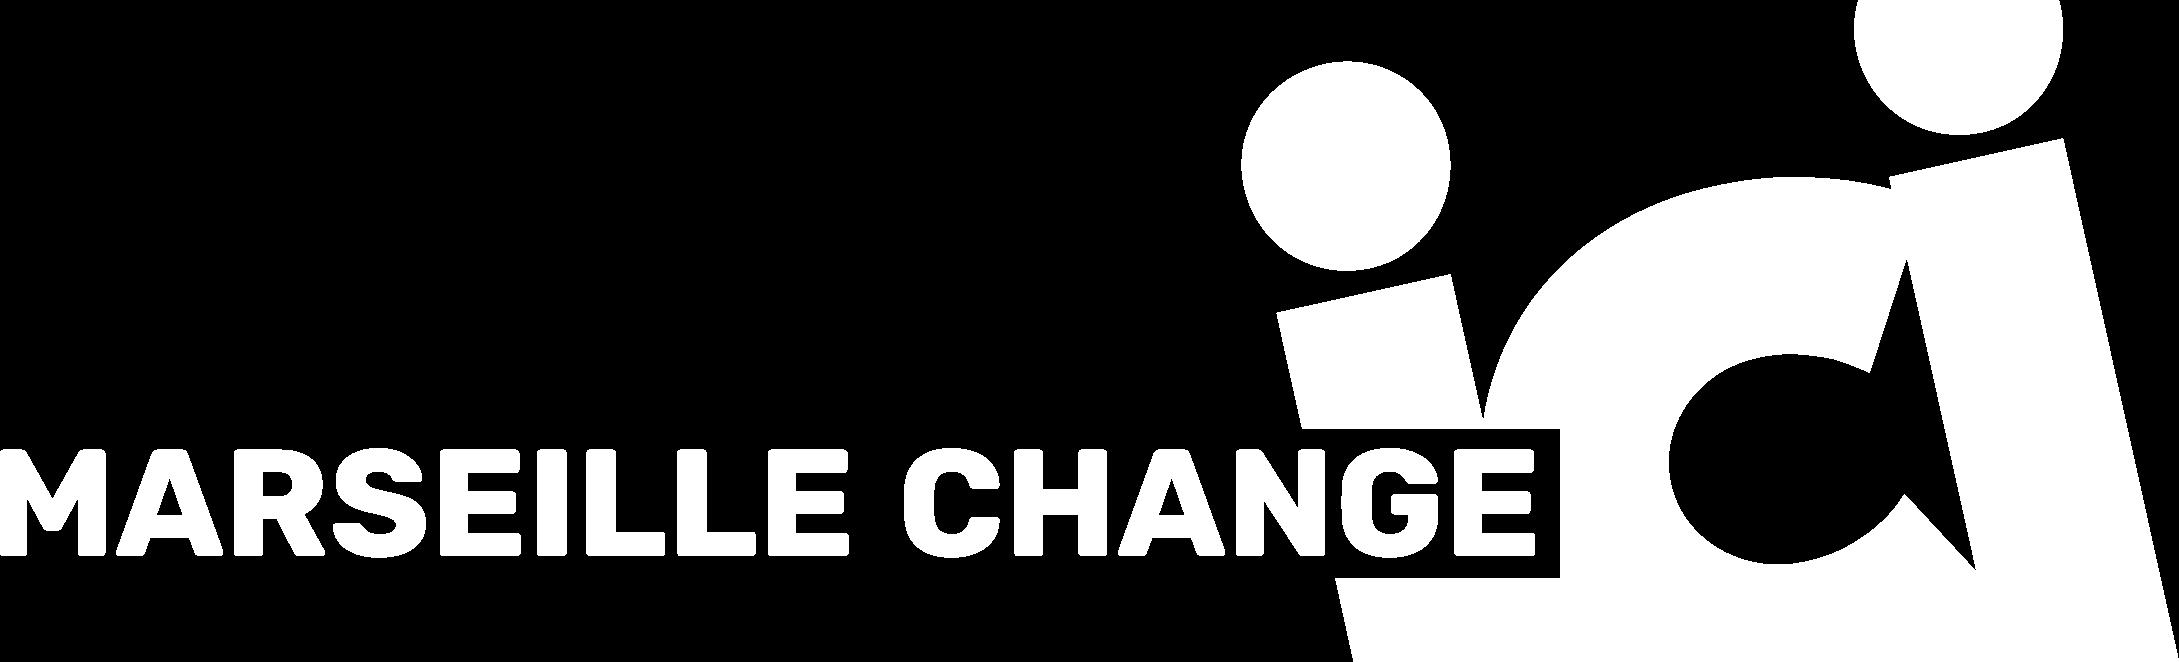 Marseille Change